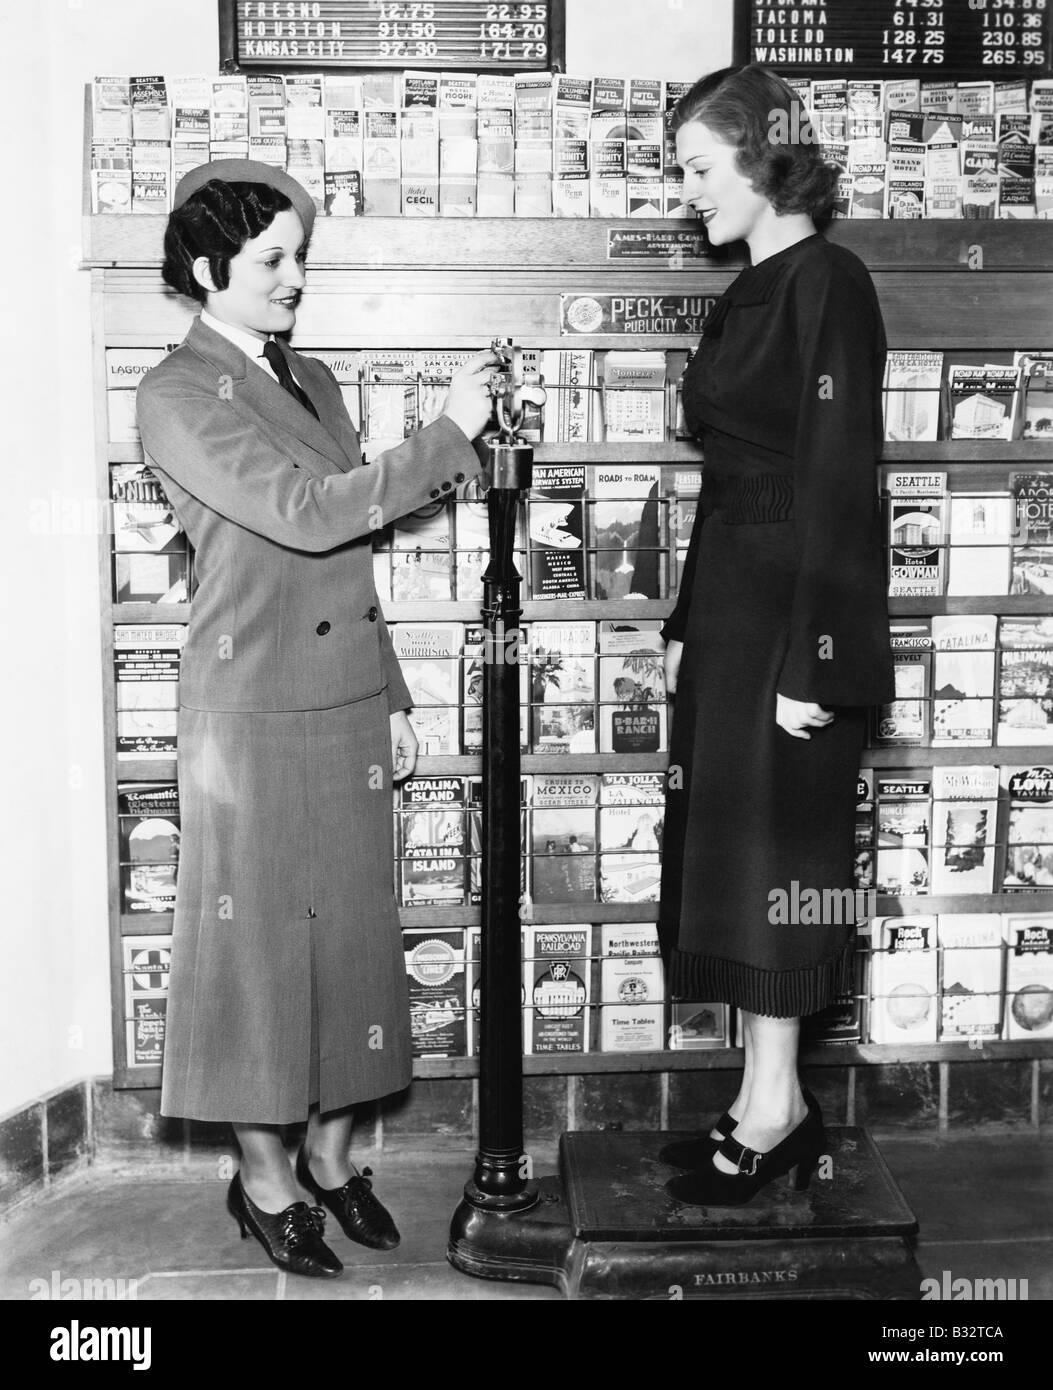 Profil einer jungen Frau in Uniform Gewicht einer anderen jungen Frau auf eine Waage zu messen Stockfoto